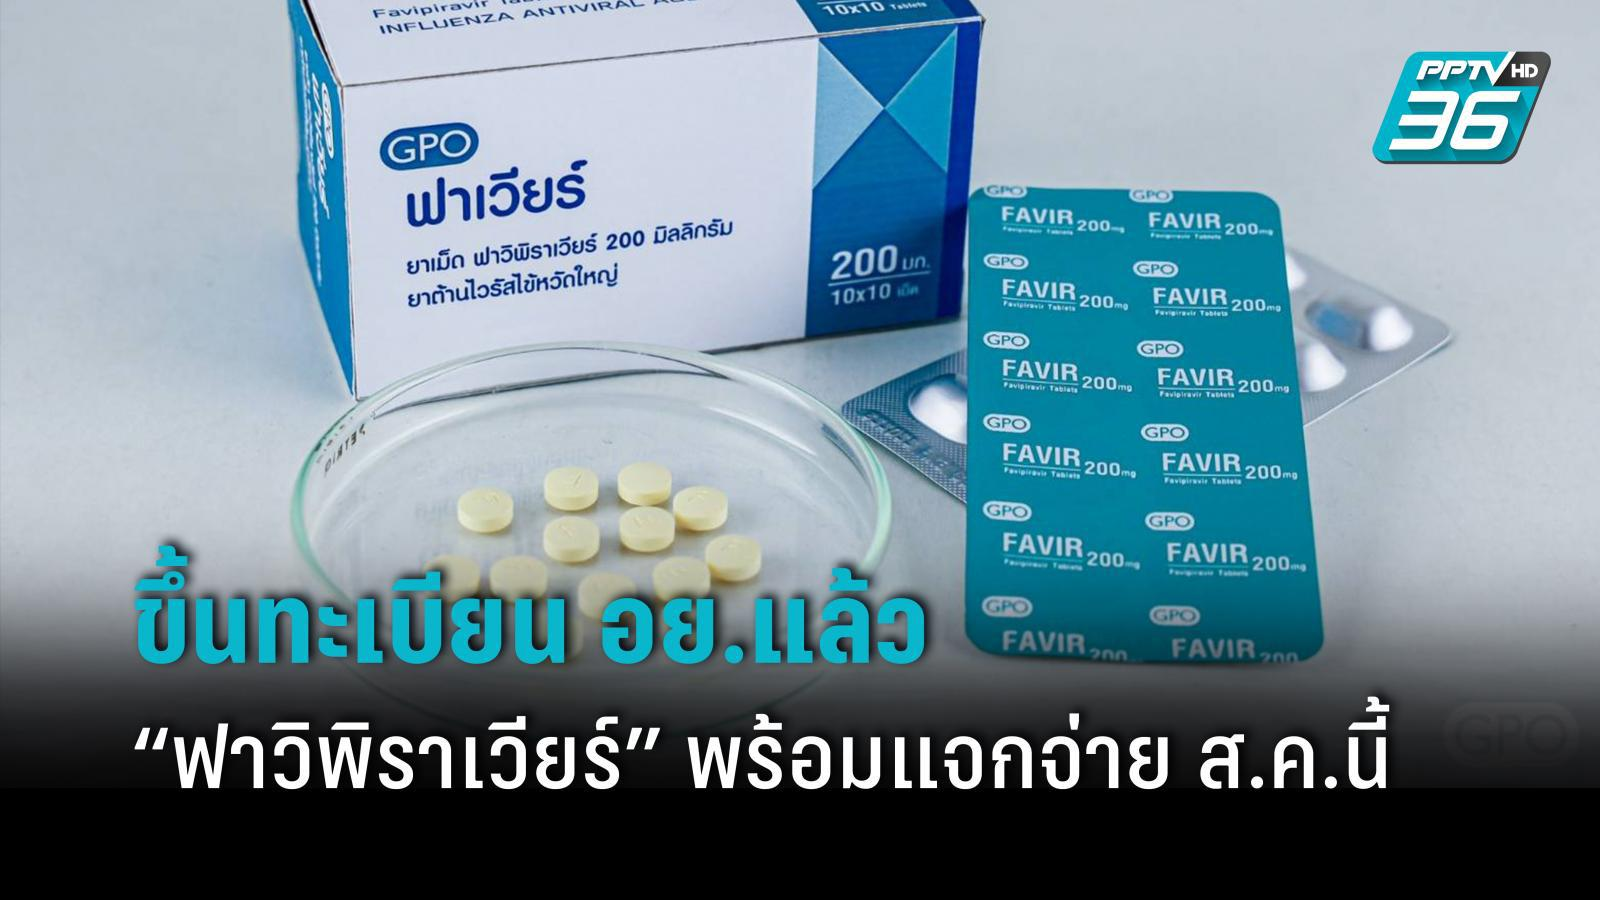 """ยารักษาโควิดไทย """"ฟาวิพิราเวียร์"""" ขึ้นทะเบียน อย.แล้ว พร้อมแจกจ่ายผู้ป่วย ส.ค.นี้"""